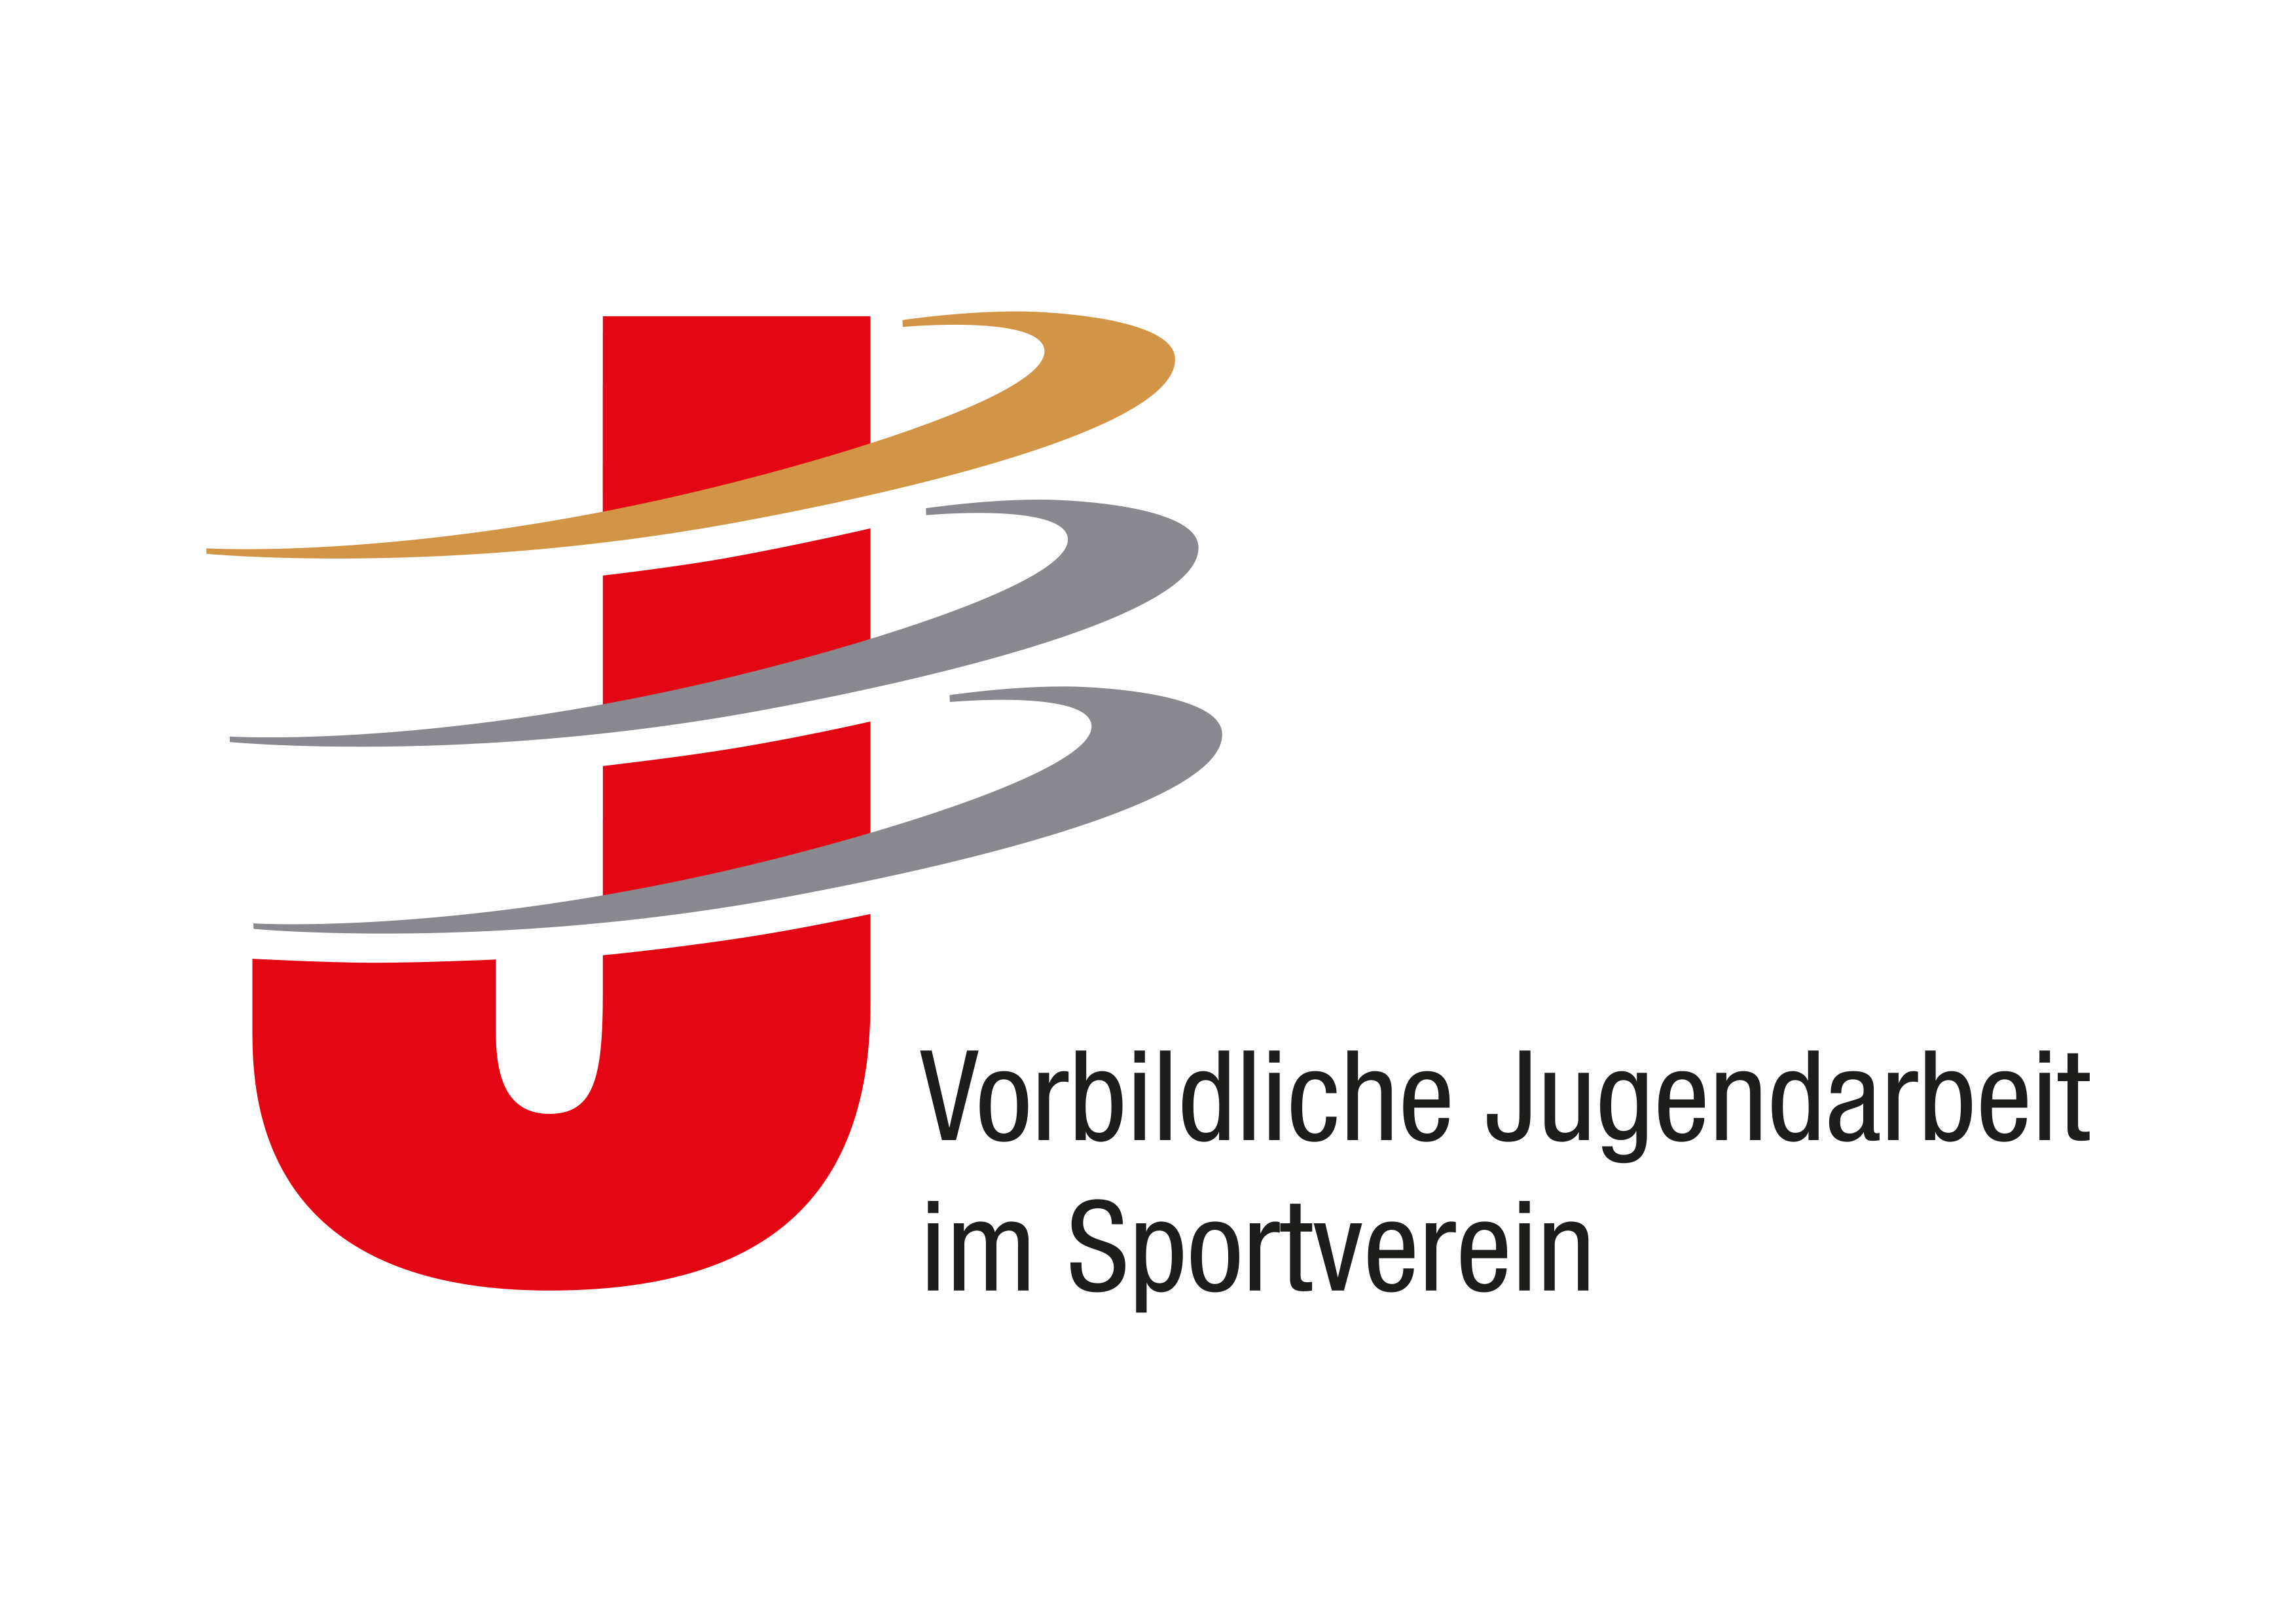 Verband der Sportvereine Südtirols: Vorbildliche Jugendarbeit